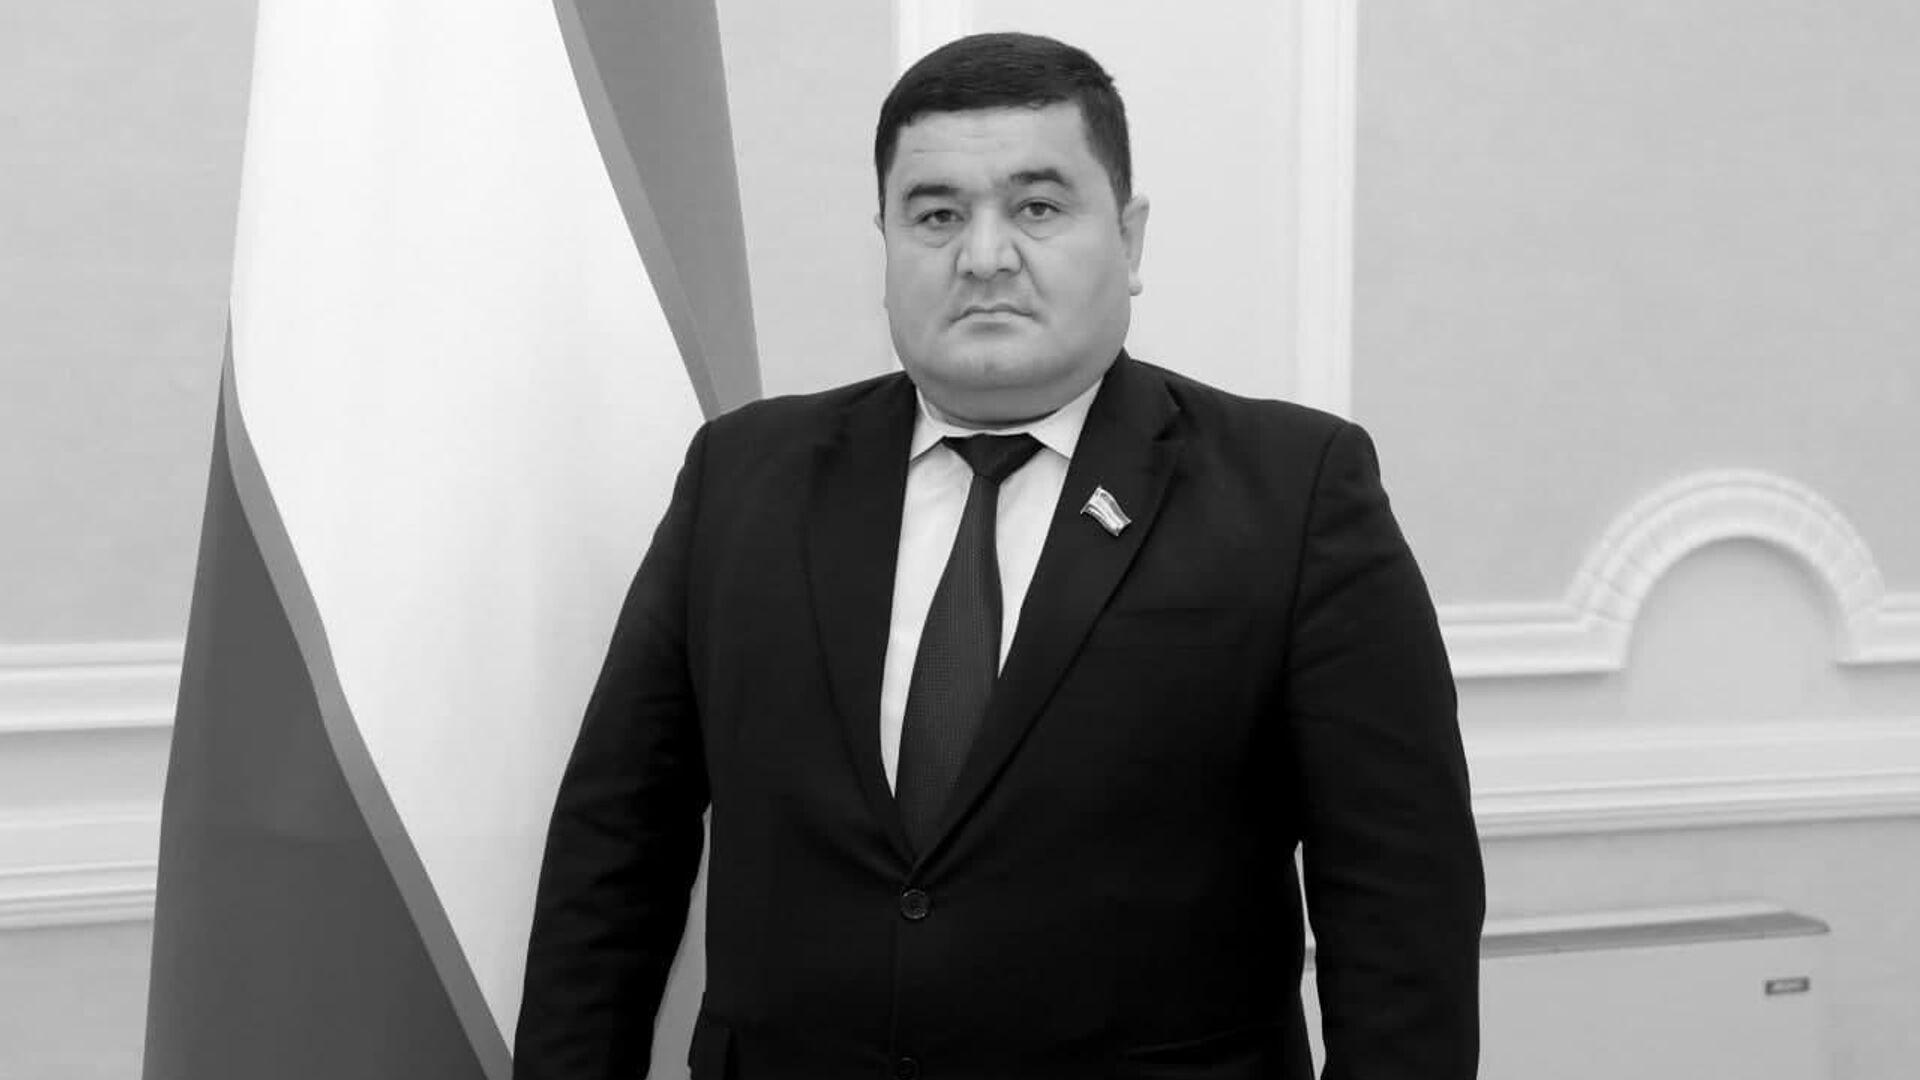 Депутат Законодательной палаты Абдурахим Курбонов - Sputnik Узбекистан, 1920, 08.07.2021